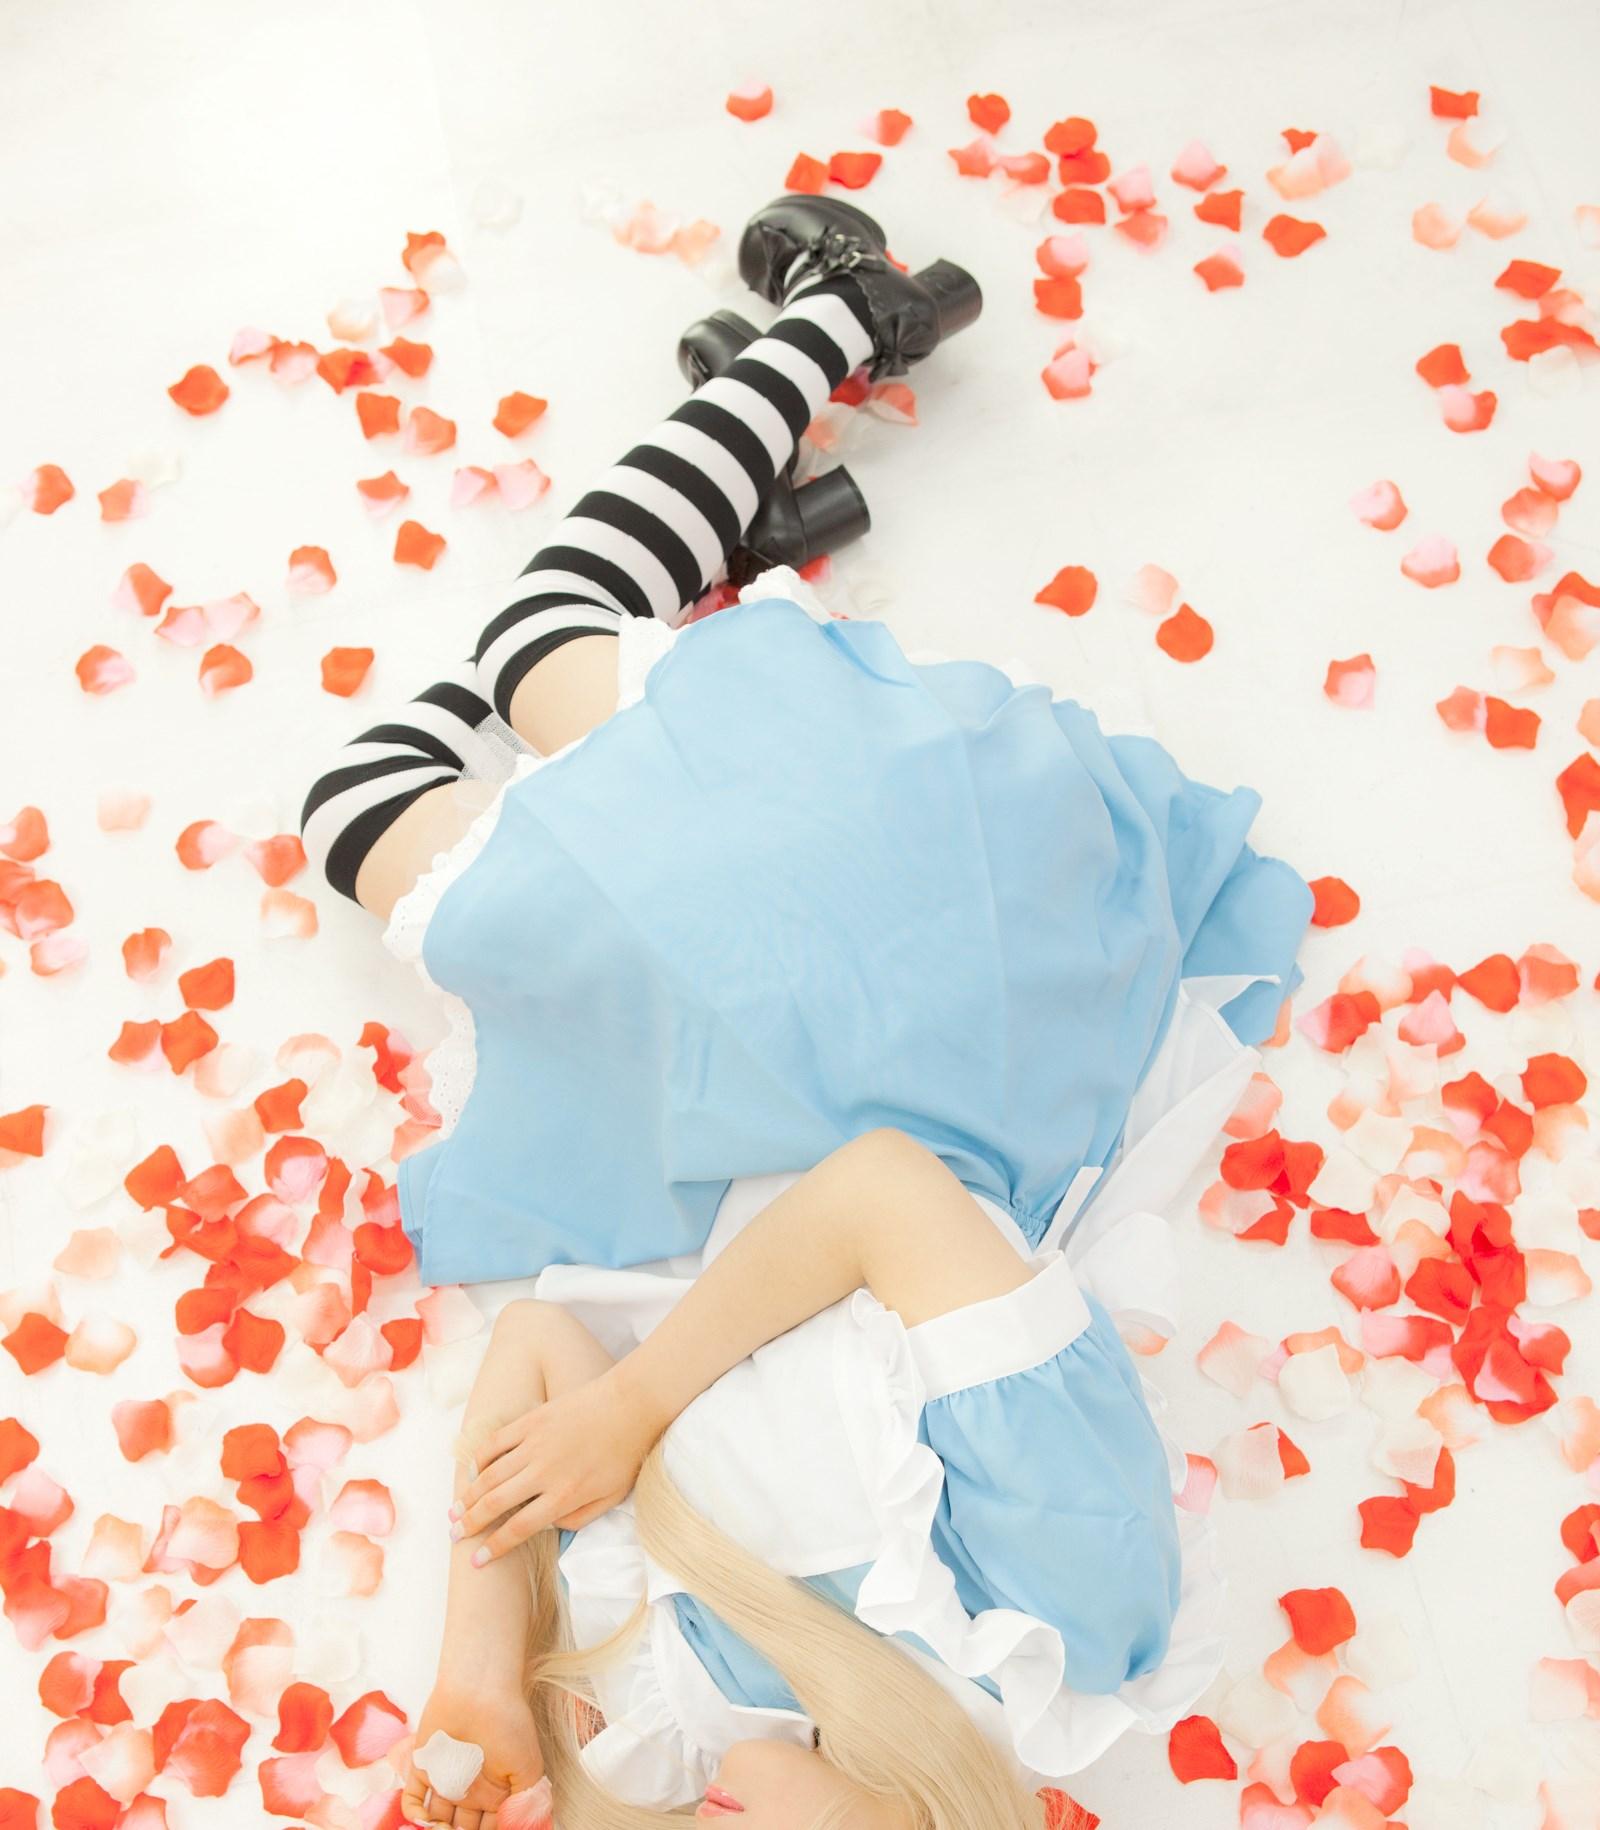 【兔玩映画】爱丽丝少女 兔玩映画 第10张